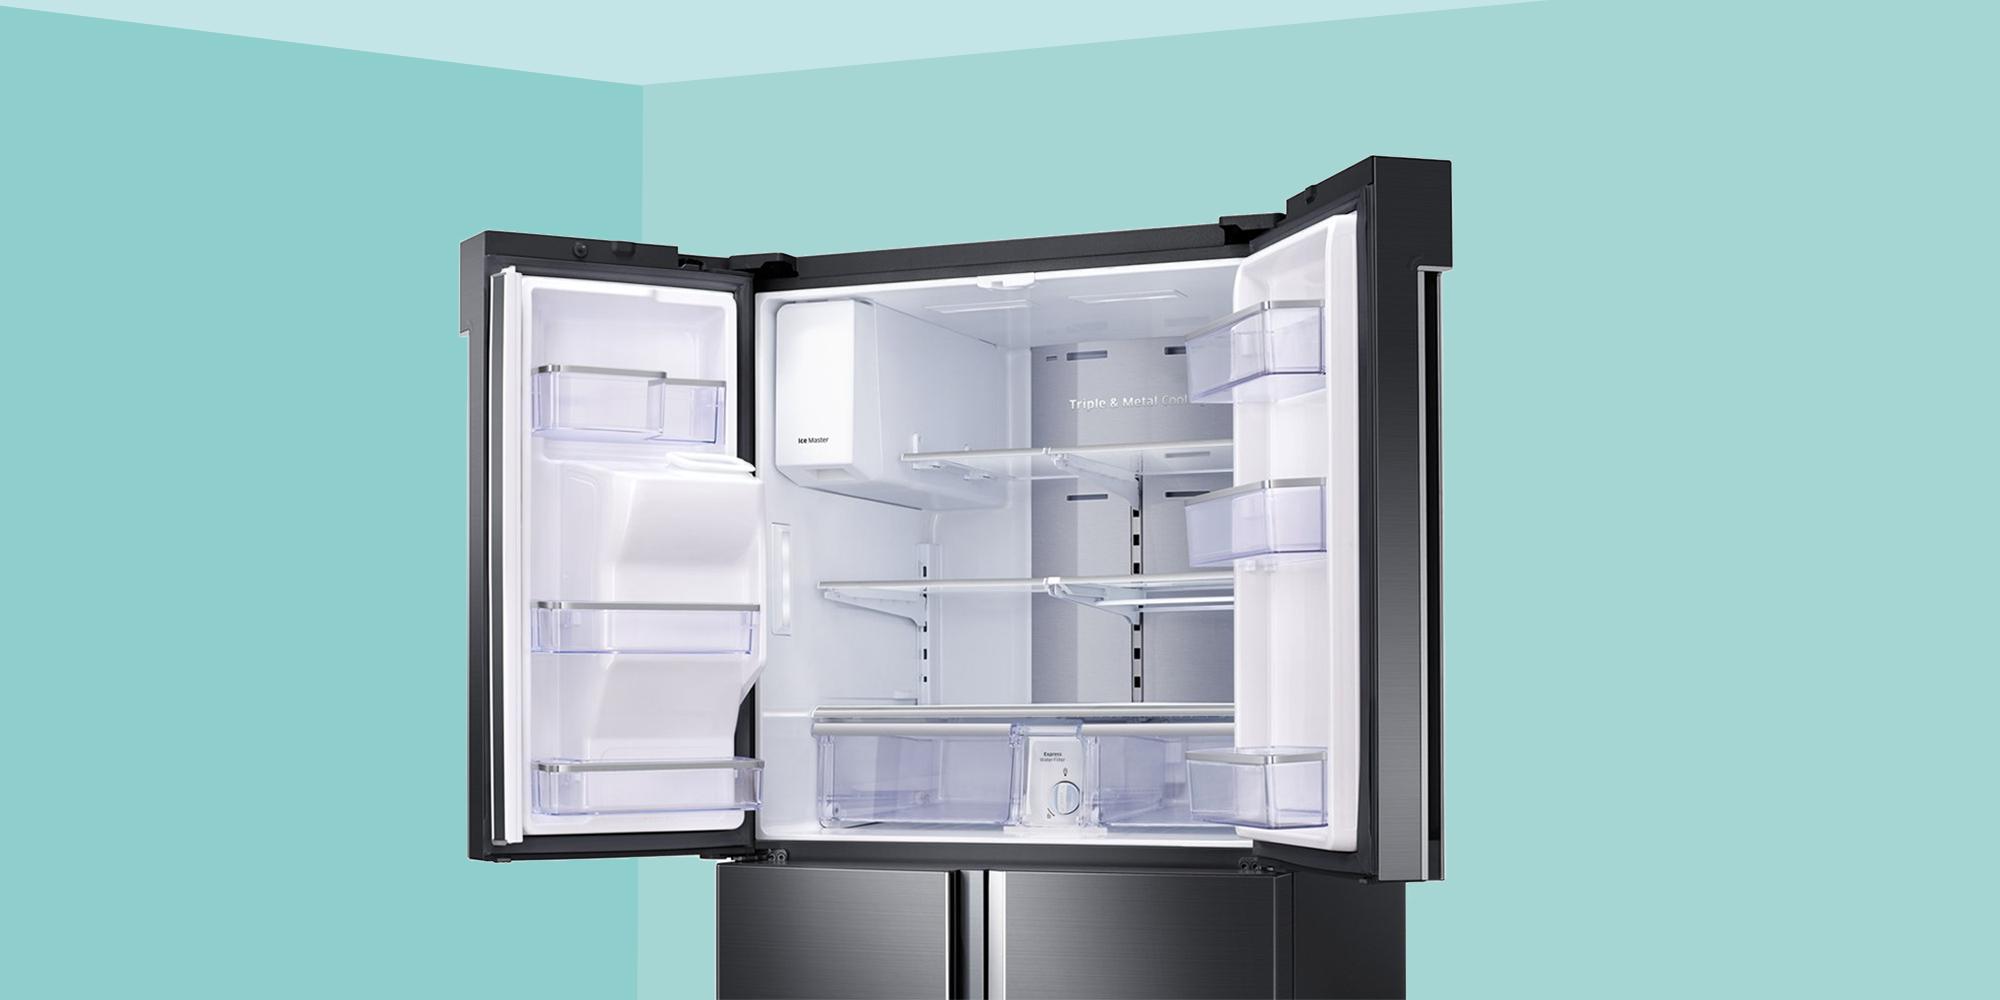 9 best french door refrigerators 2019 top french door fridge reviews